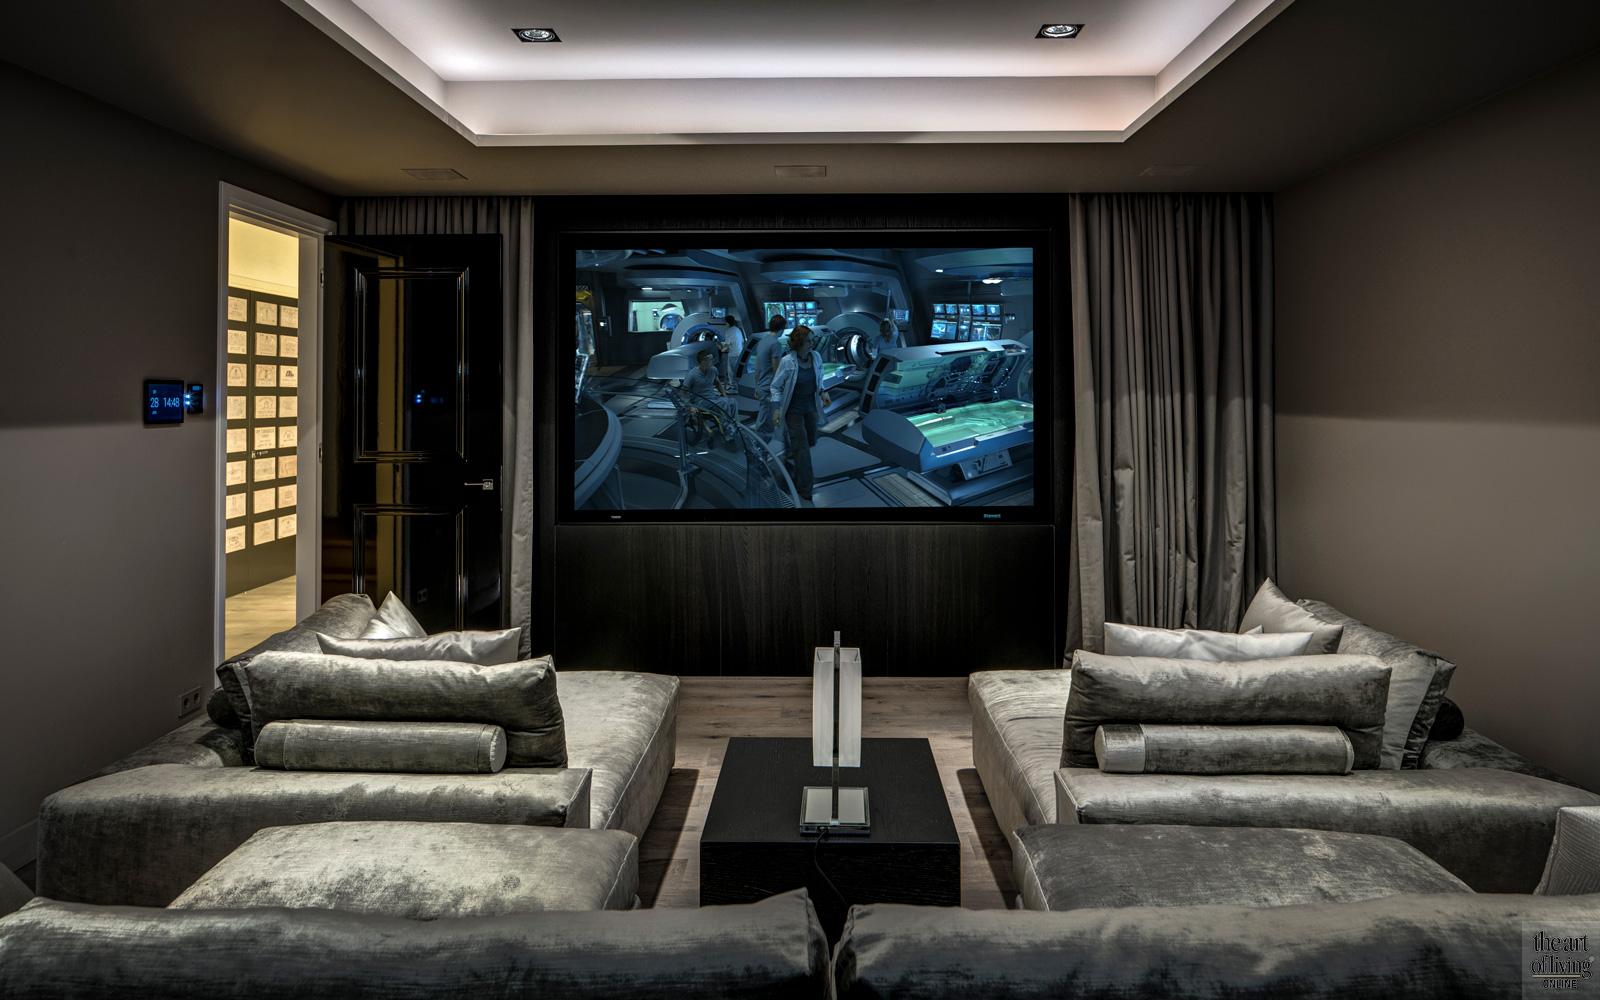 Thuisbioscoop, Modern interieur, Design interieur, High end interieur, Luxueus interieur, Domotica